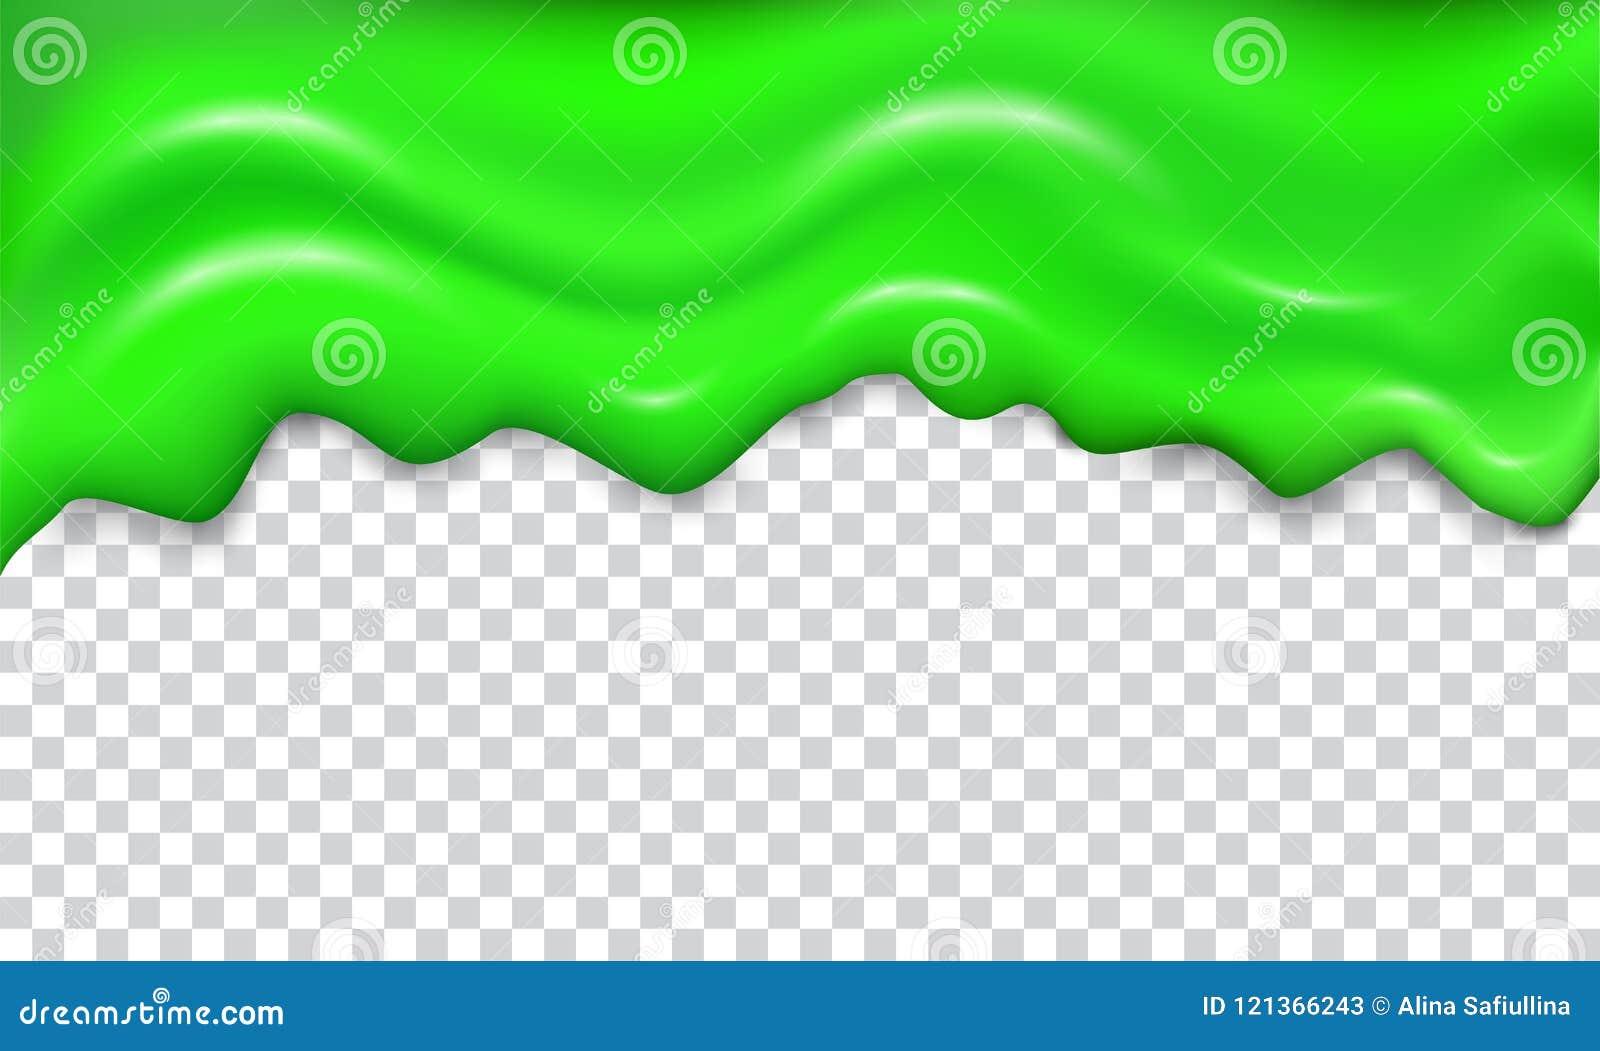 Grön sömlös genomblöt slam